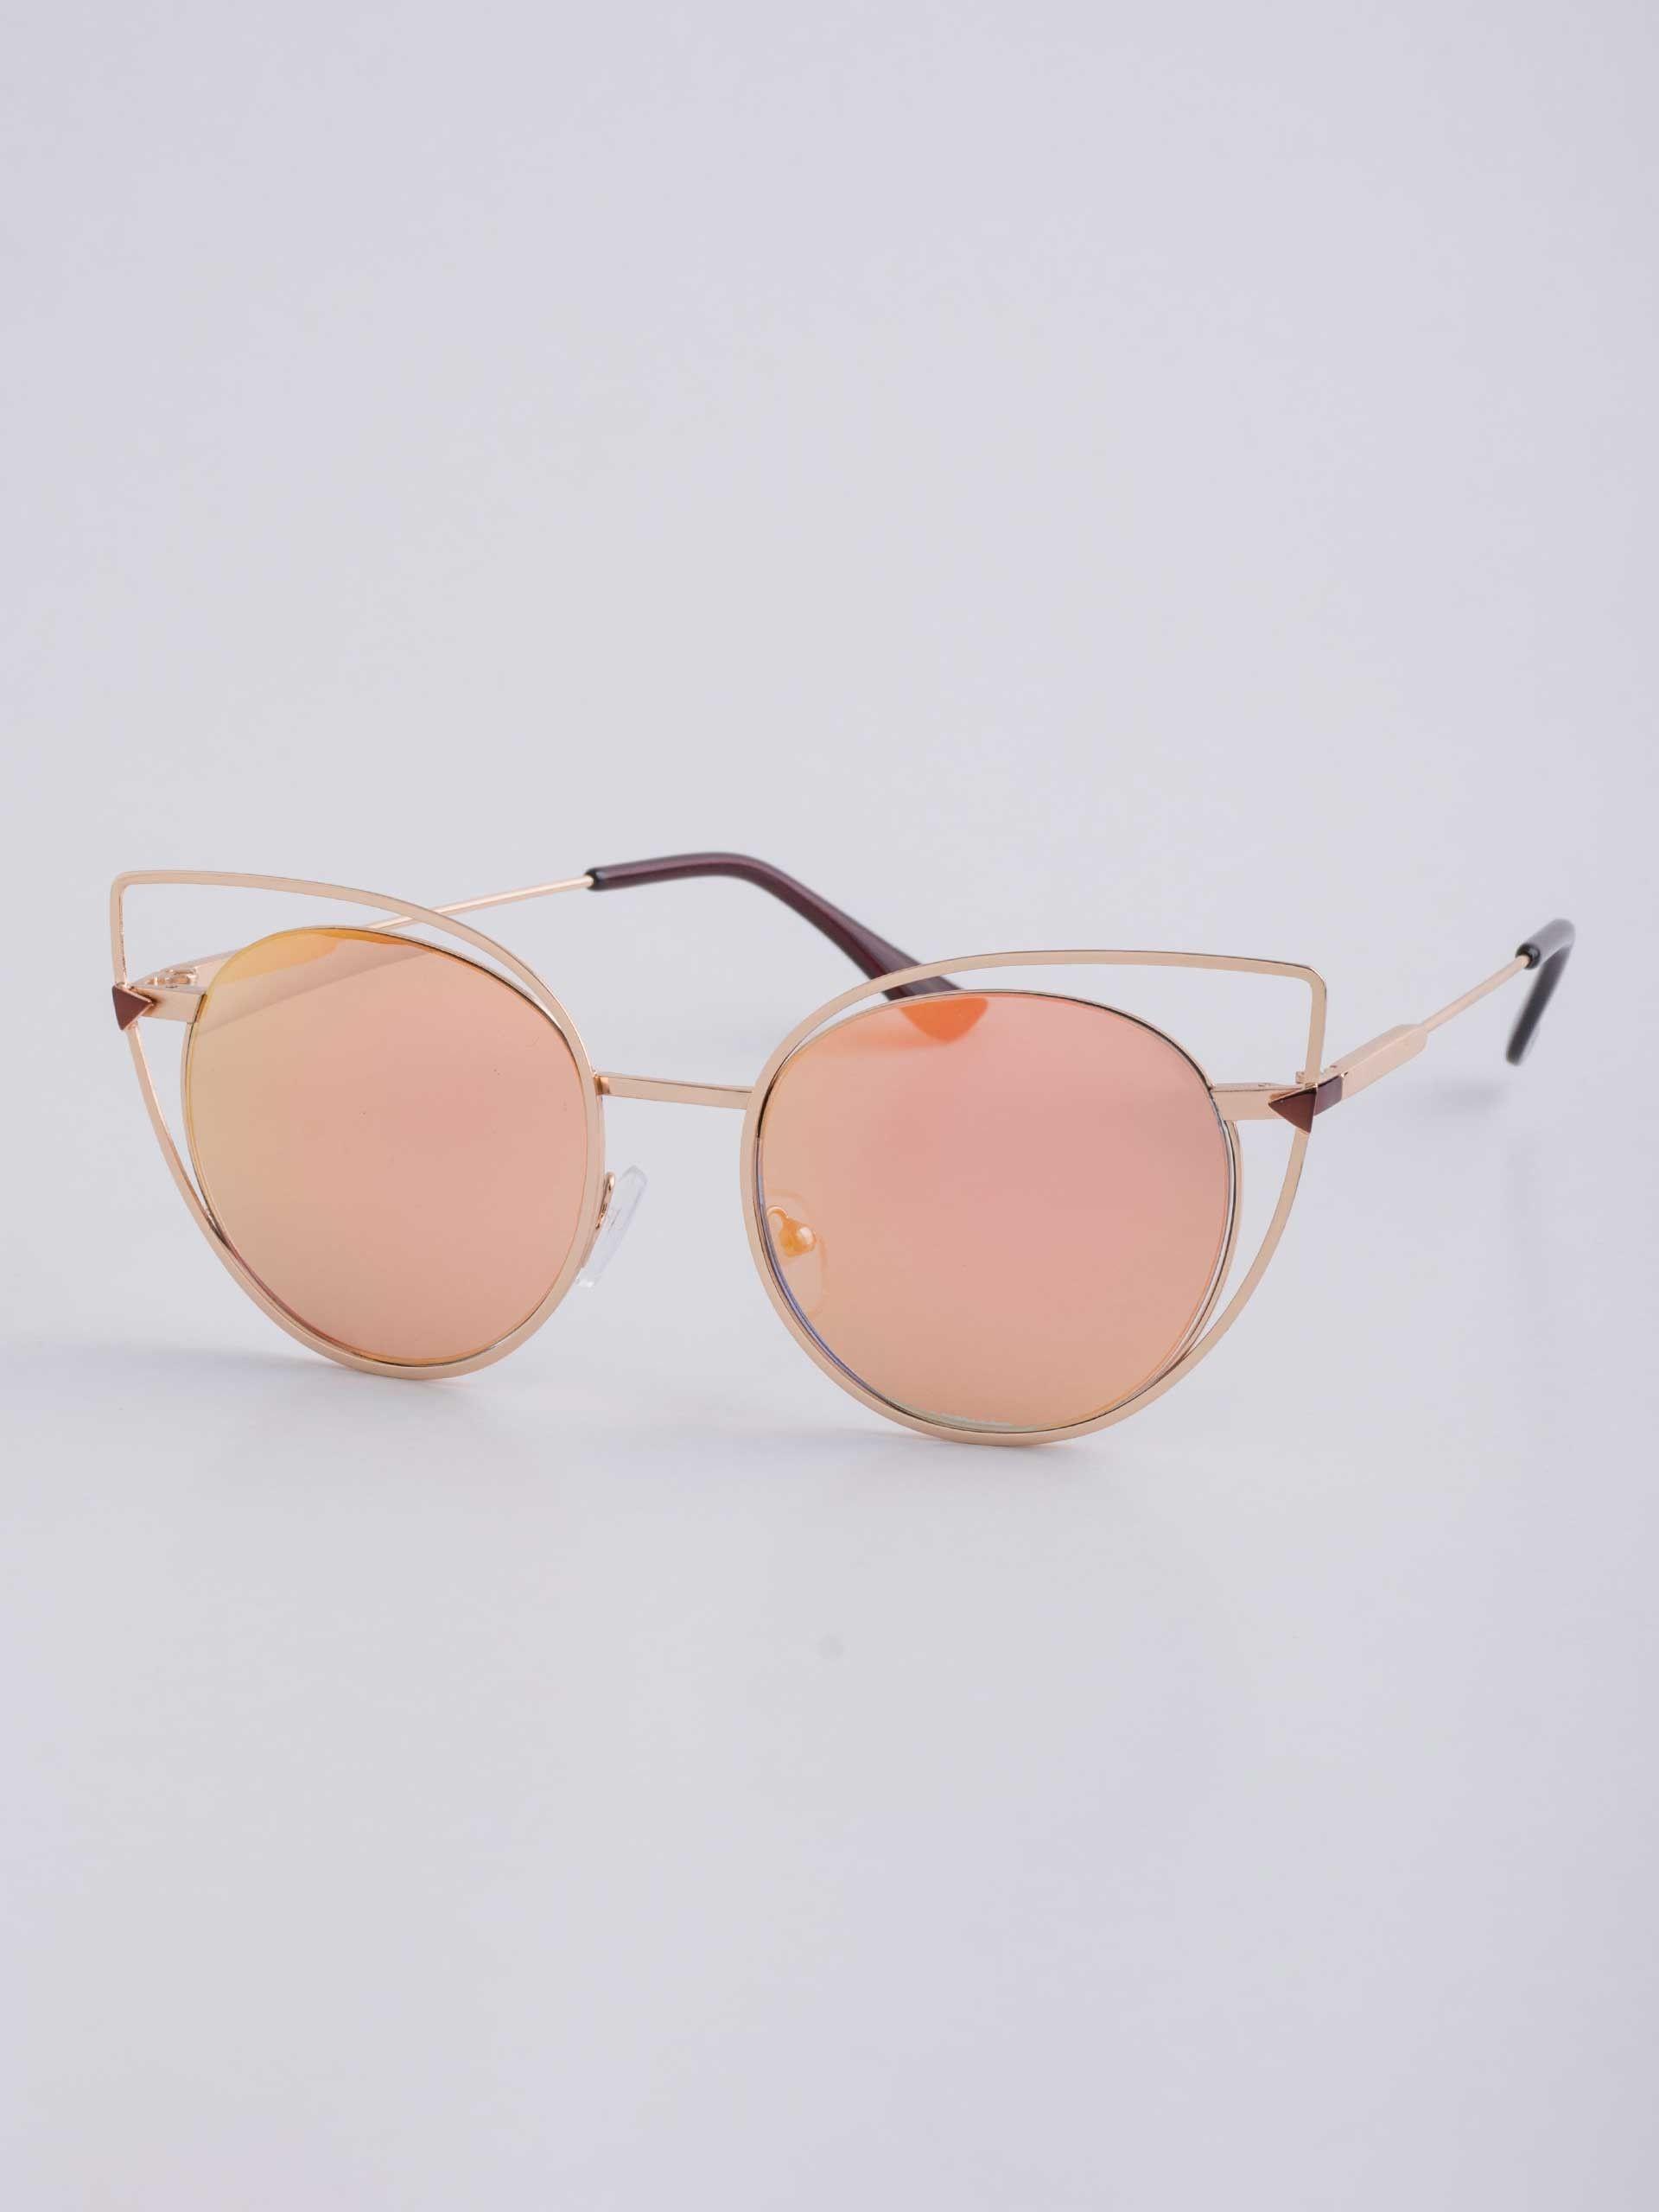 UI GAFAS (online)     49,90    cor desert Óculos de Sol Gatinha com Armação  em Metal Vazada 4bc51af718